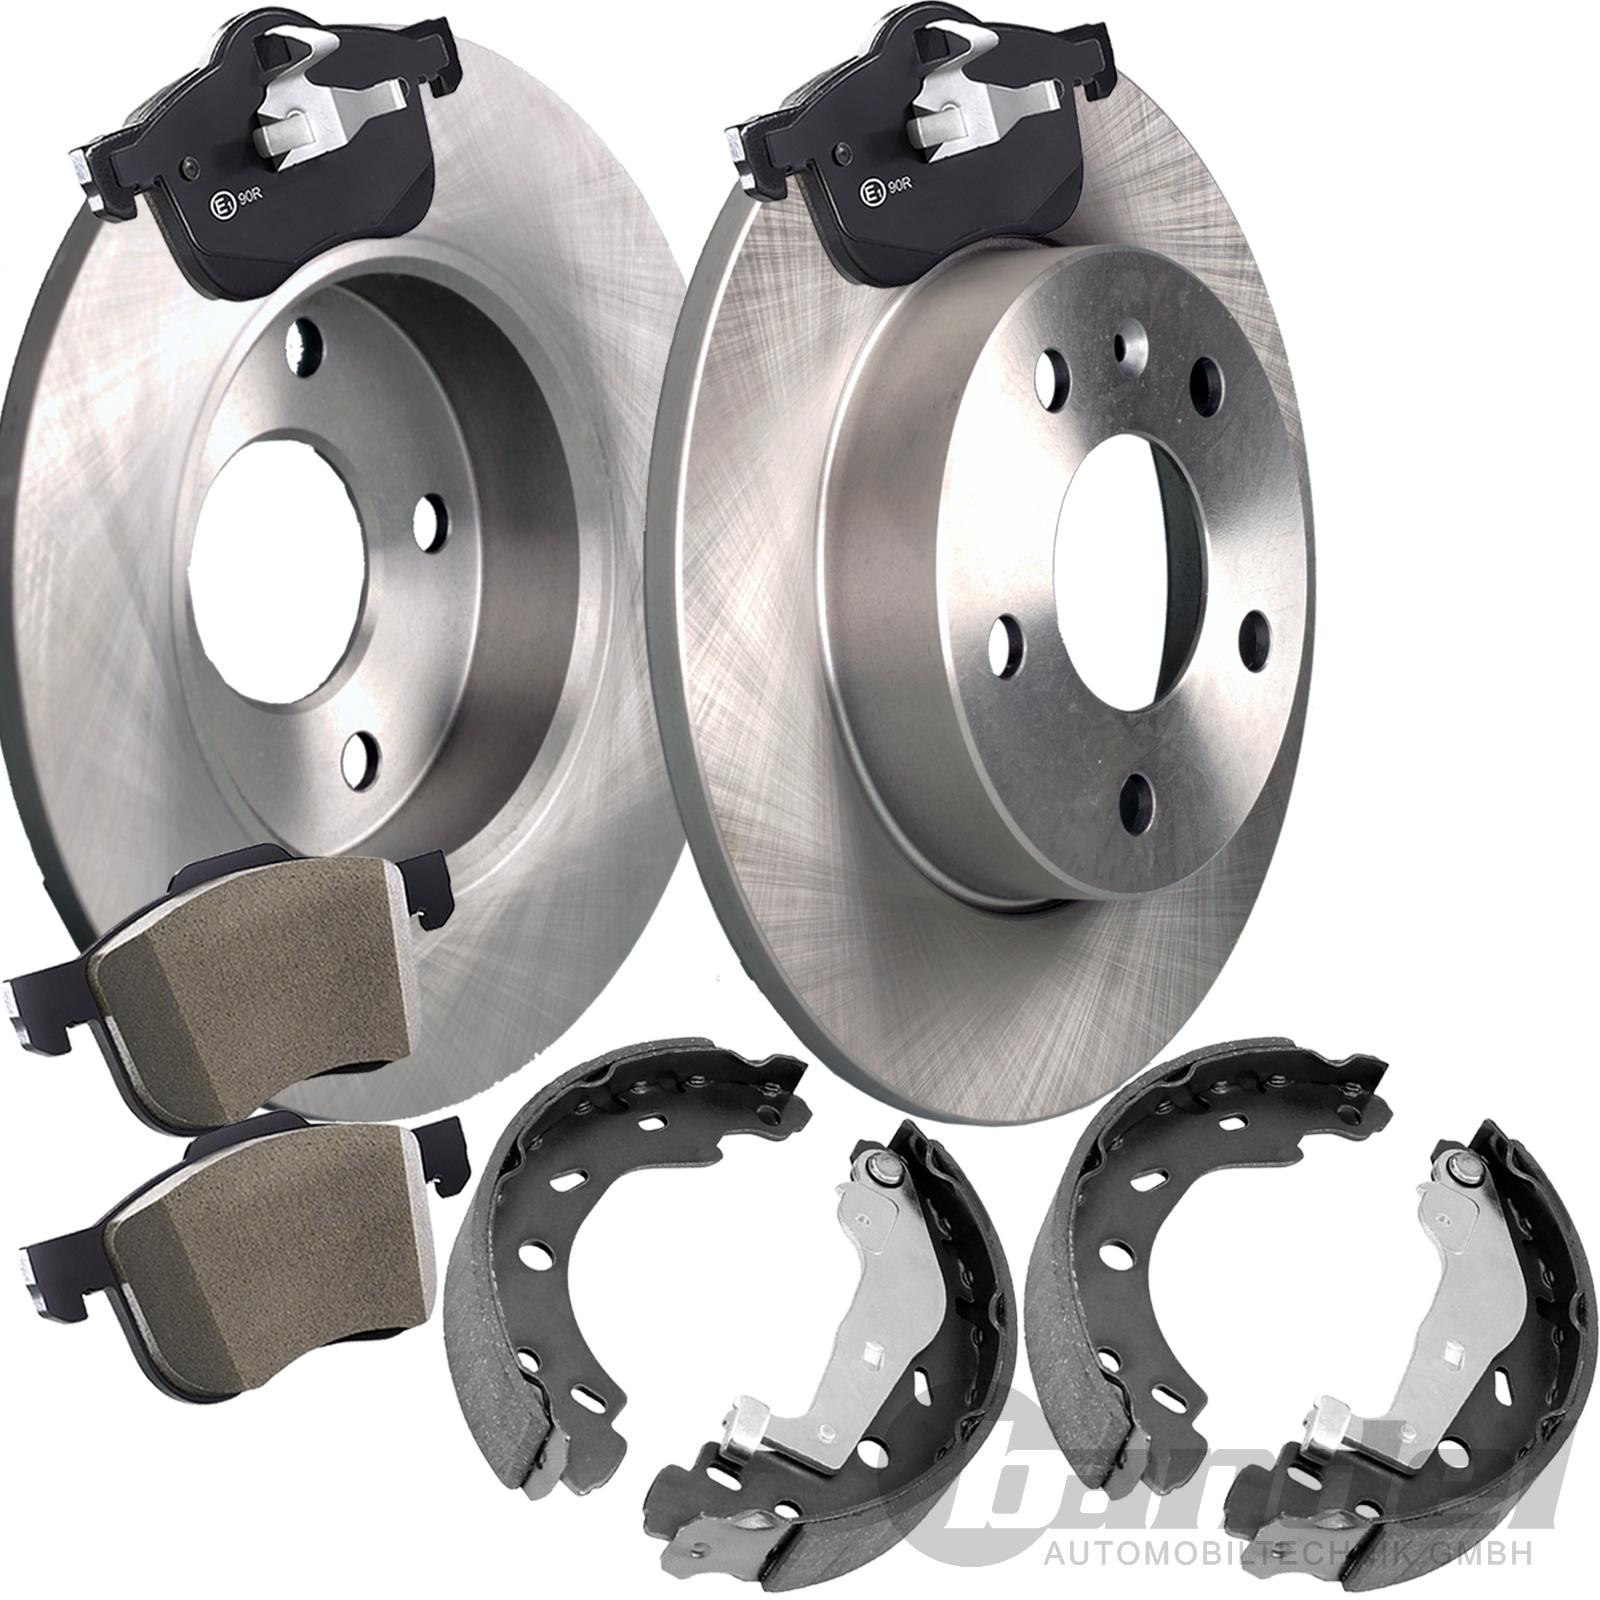 2 Bremsscheiben Ø 273mm Bremsbeläge Bremse vorne für Mazda 6 GG GY 1.8